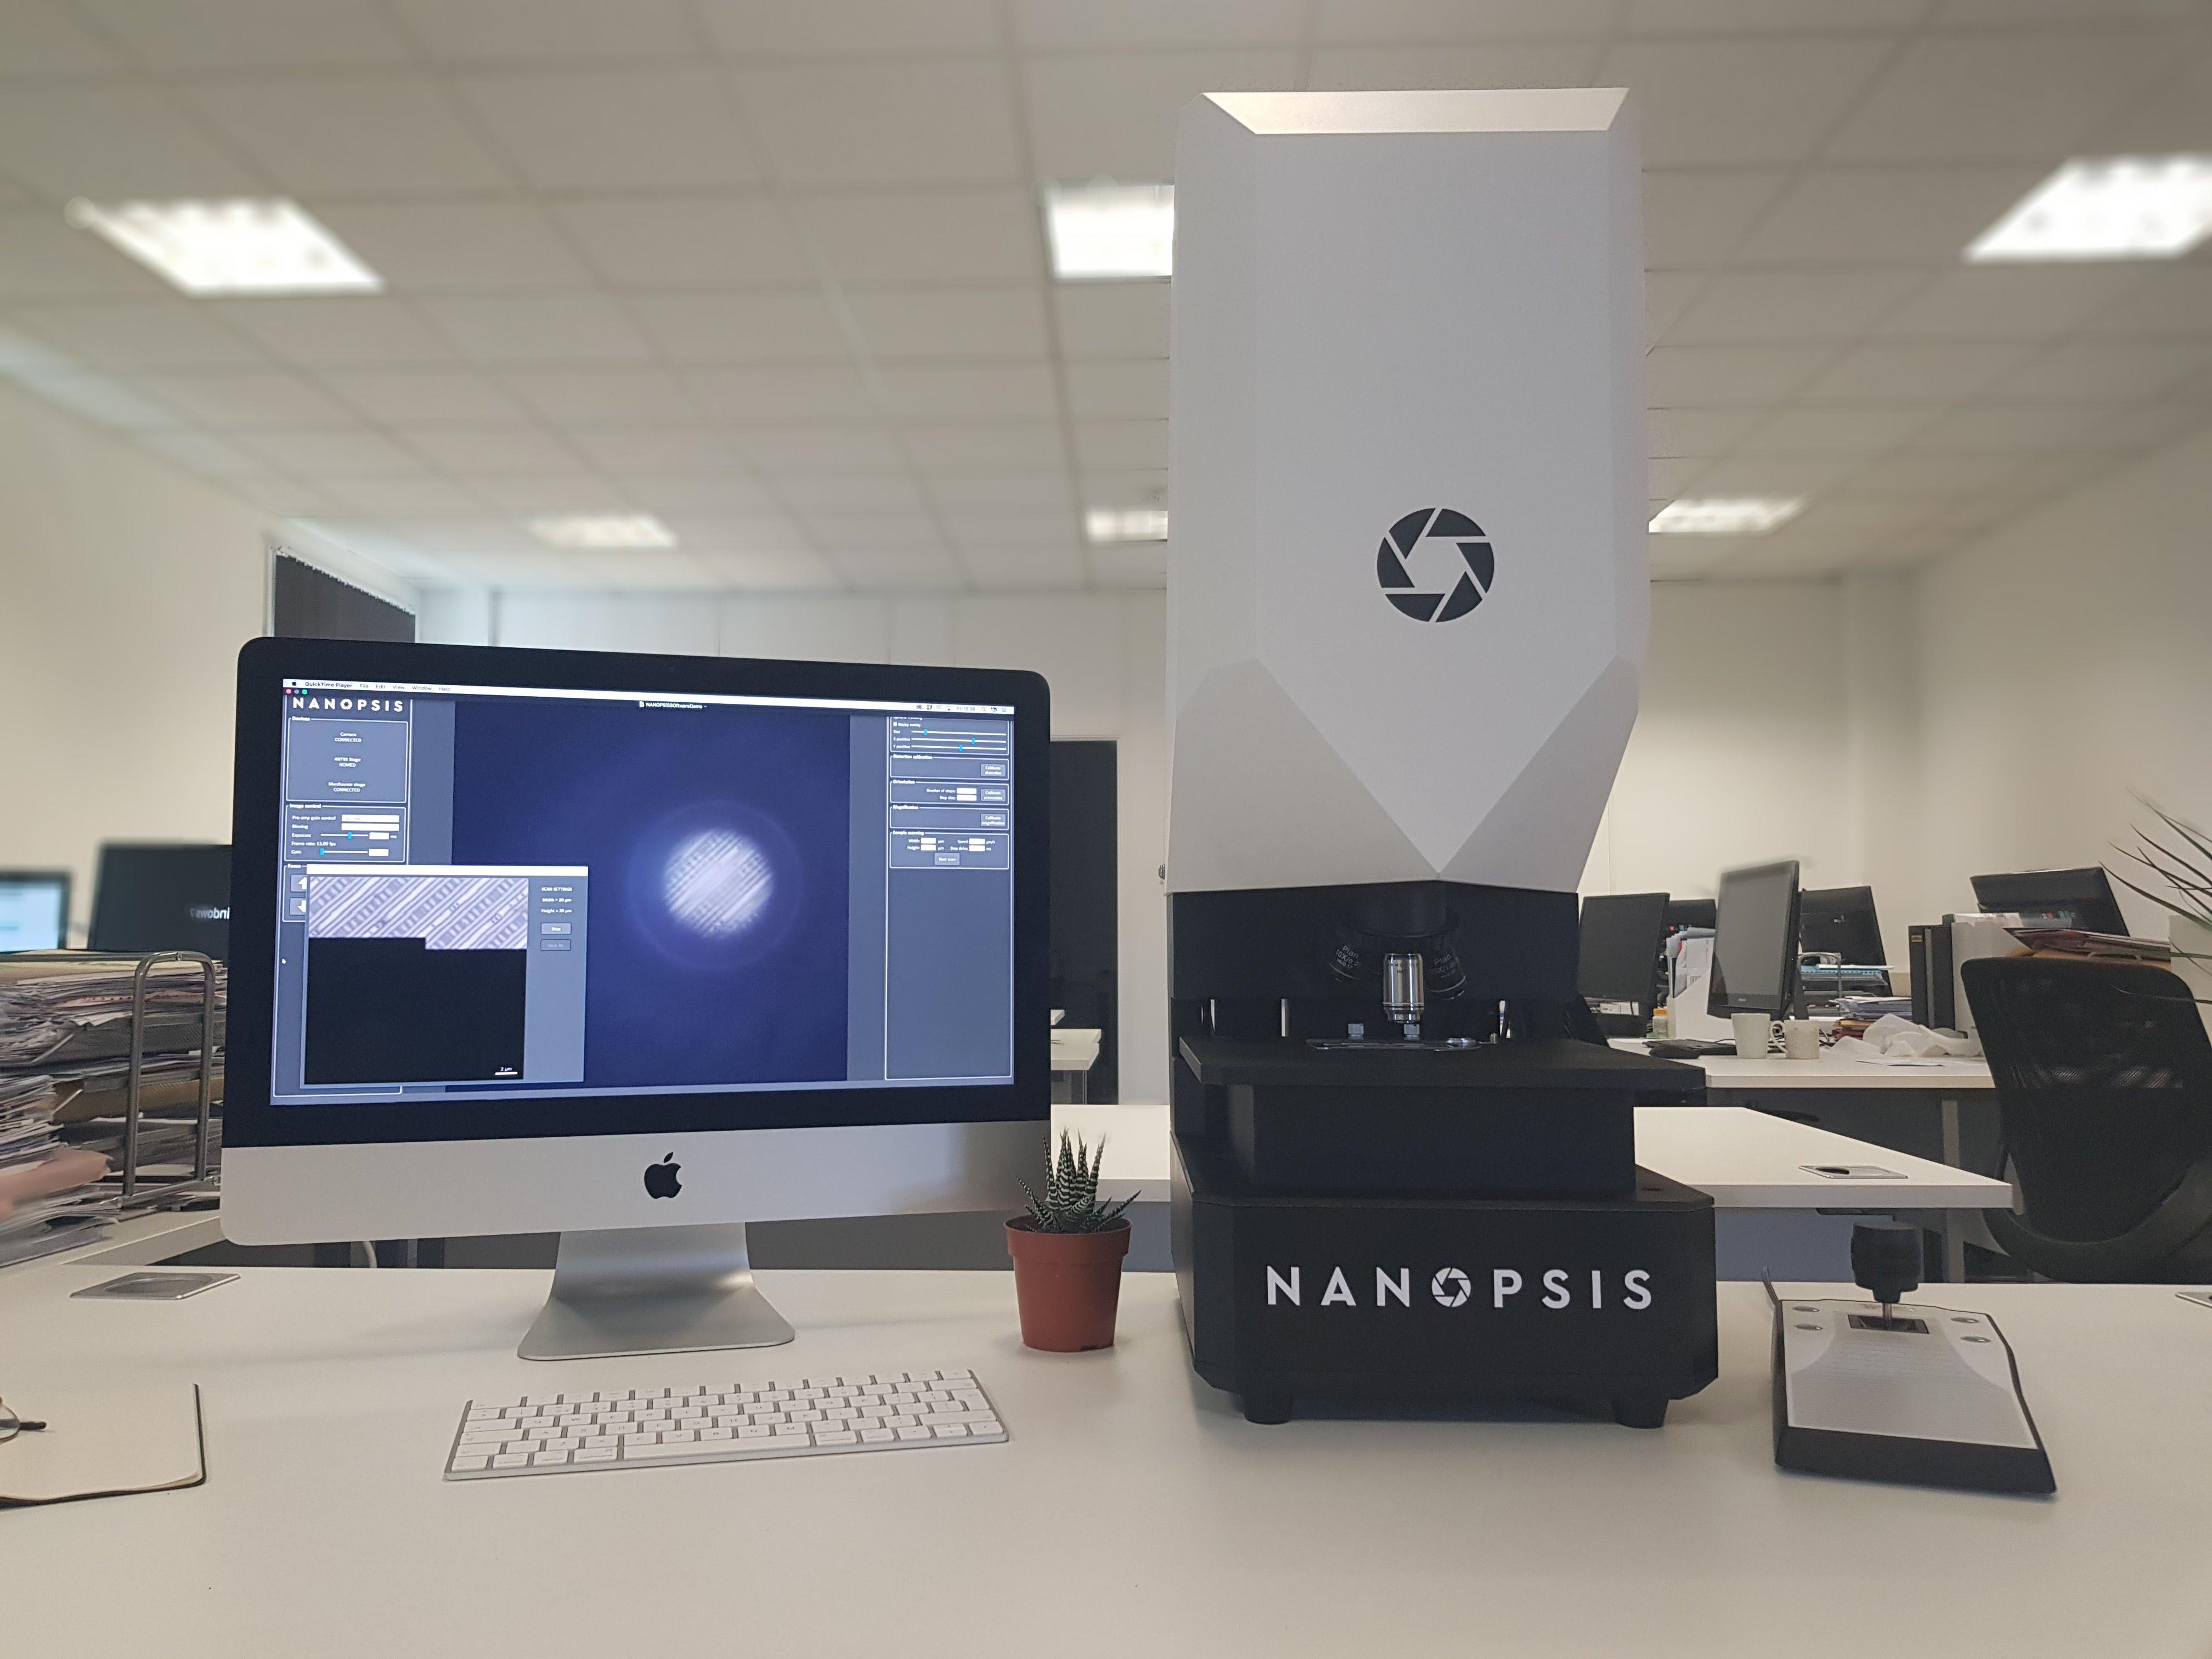 超高分辨纳米微球显微镜